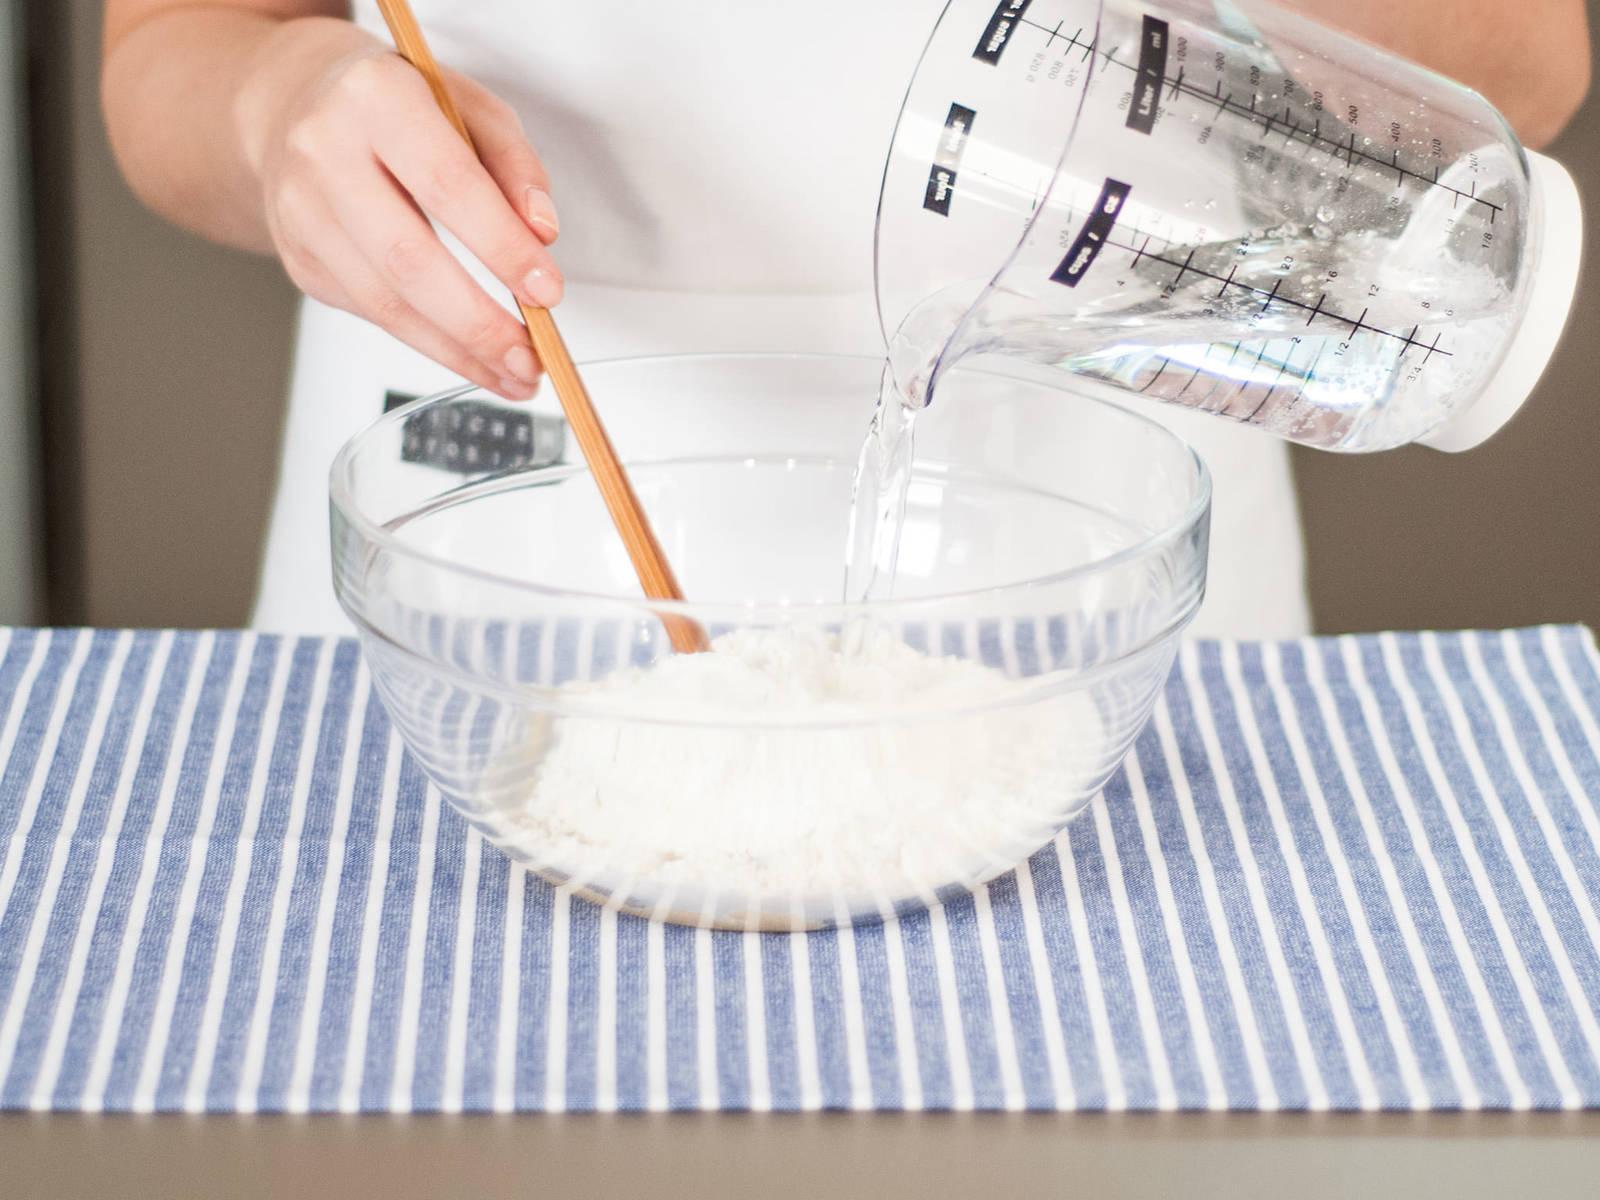 将面粉、泡打粉和盐一起混合均匀。加入玉米油,再缓慢地加入苏打水直至面糊浓稠。